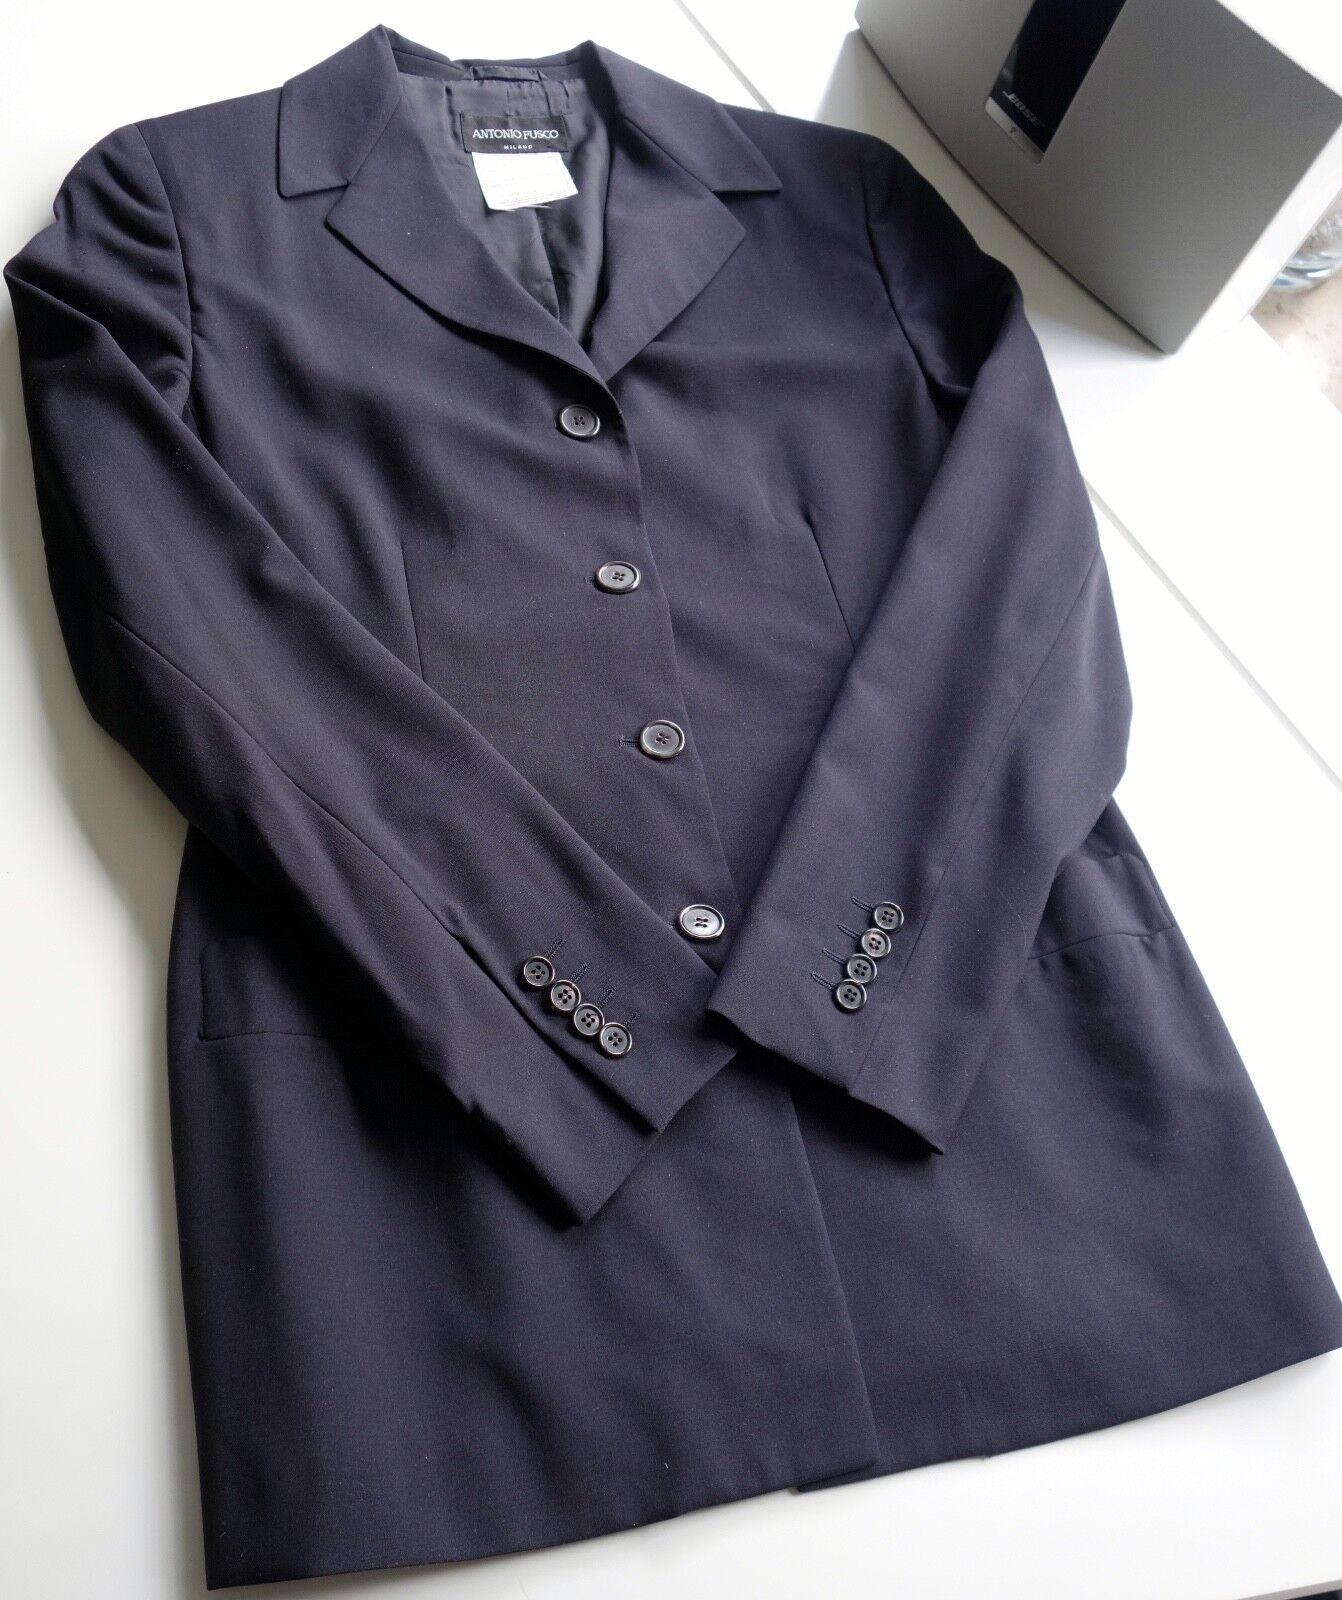 Antonio Fusco  -  Hosenanzug  -  blauschwarz -  Größe 40  (IT 46) | Shopping Online  | Modern Und Elegant In Der Mode  | Ausgezeichnetes Handwerk  | Stil  | Exzellente Verarbeitung